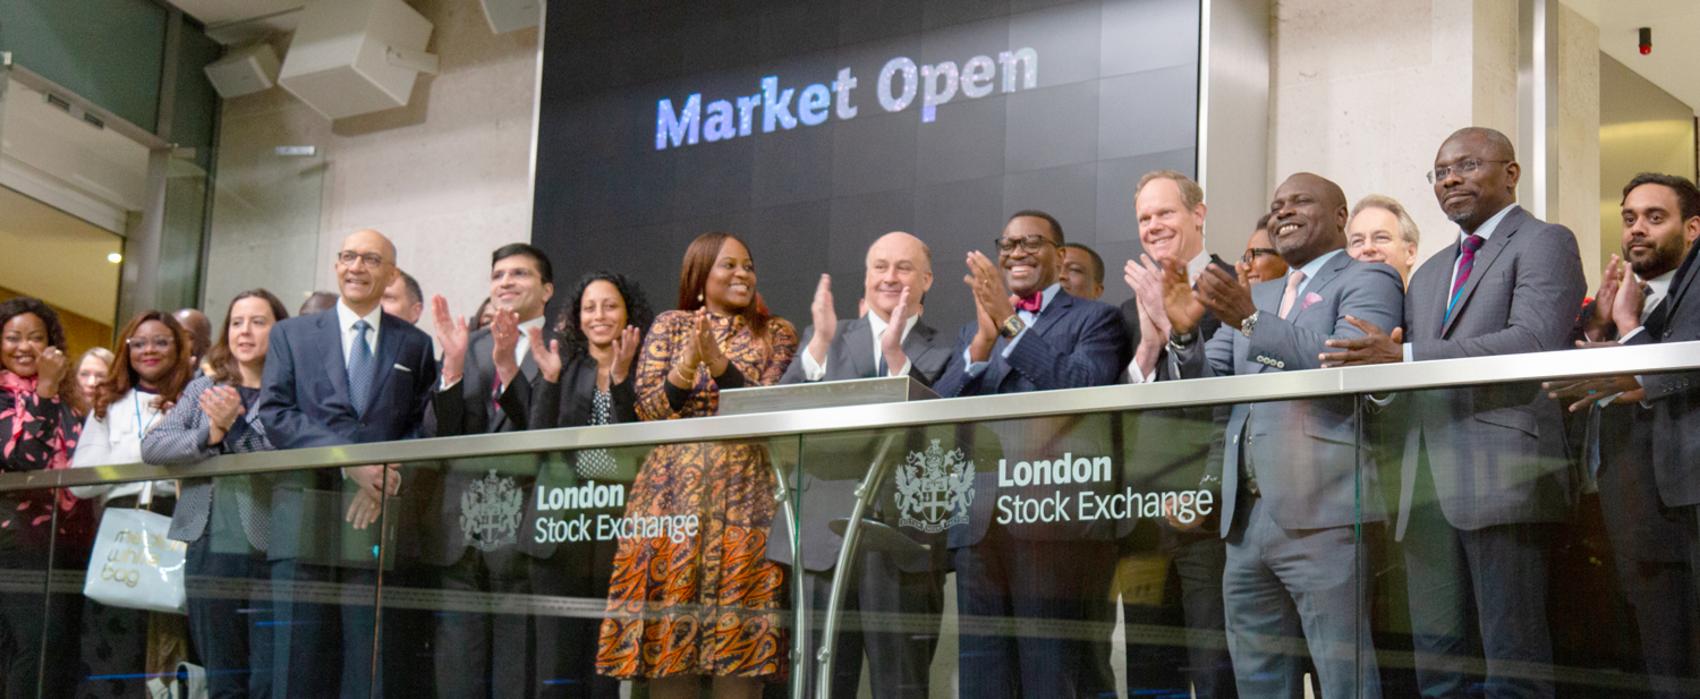 Bourse de Londres :  Le président de la Bad ouvre la séance de cotation du jeudi 23 janvier 2020